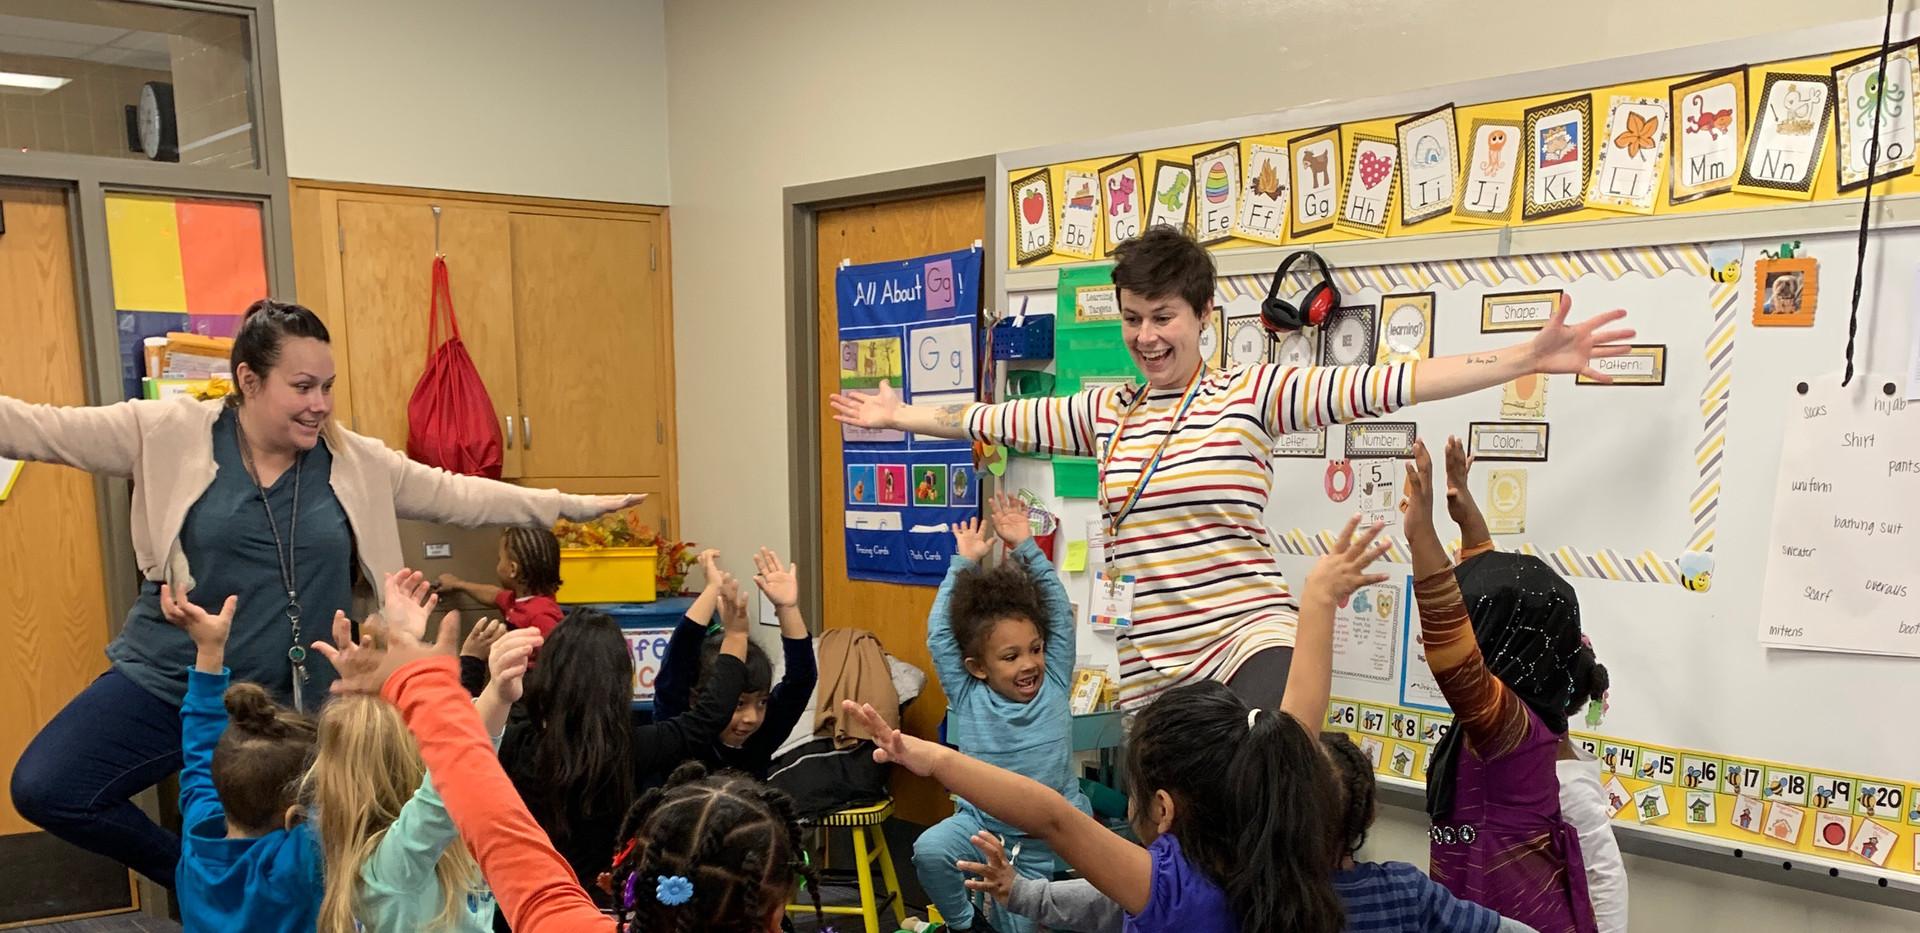 Kerfuffle Teaching Artist in school